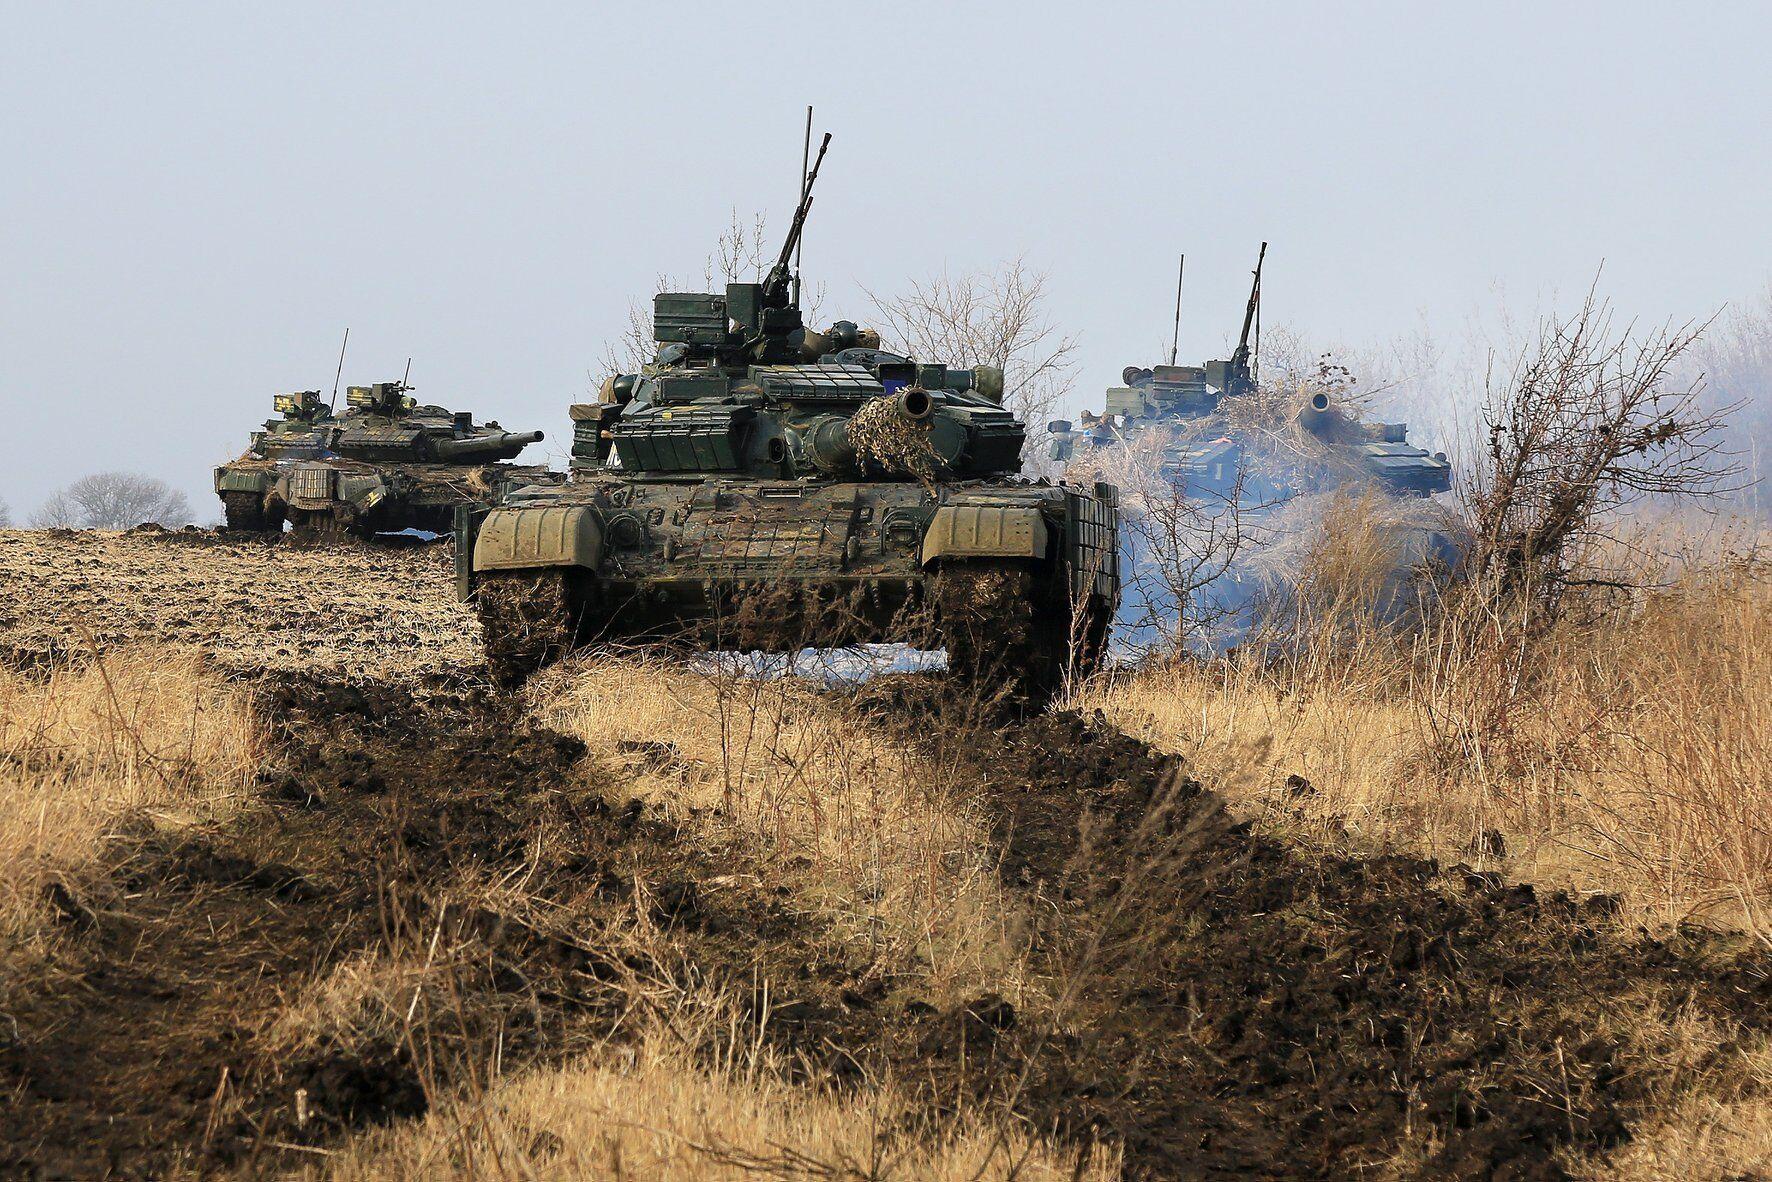 Україні варто розвивати власні Збройні сили